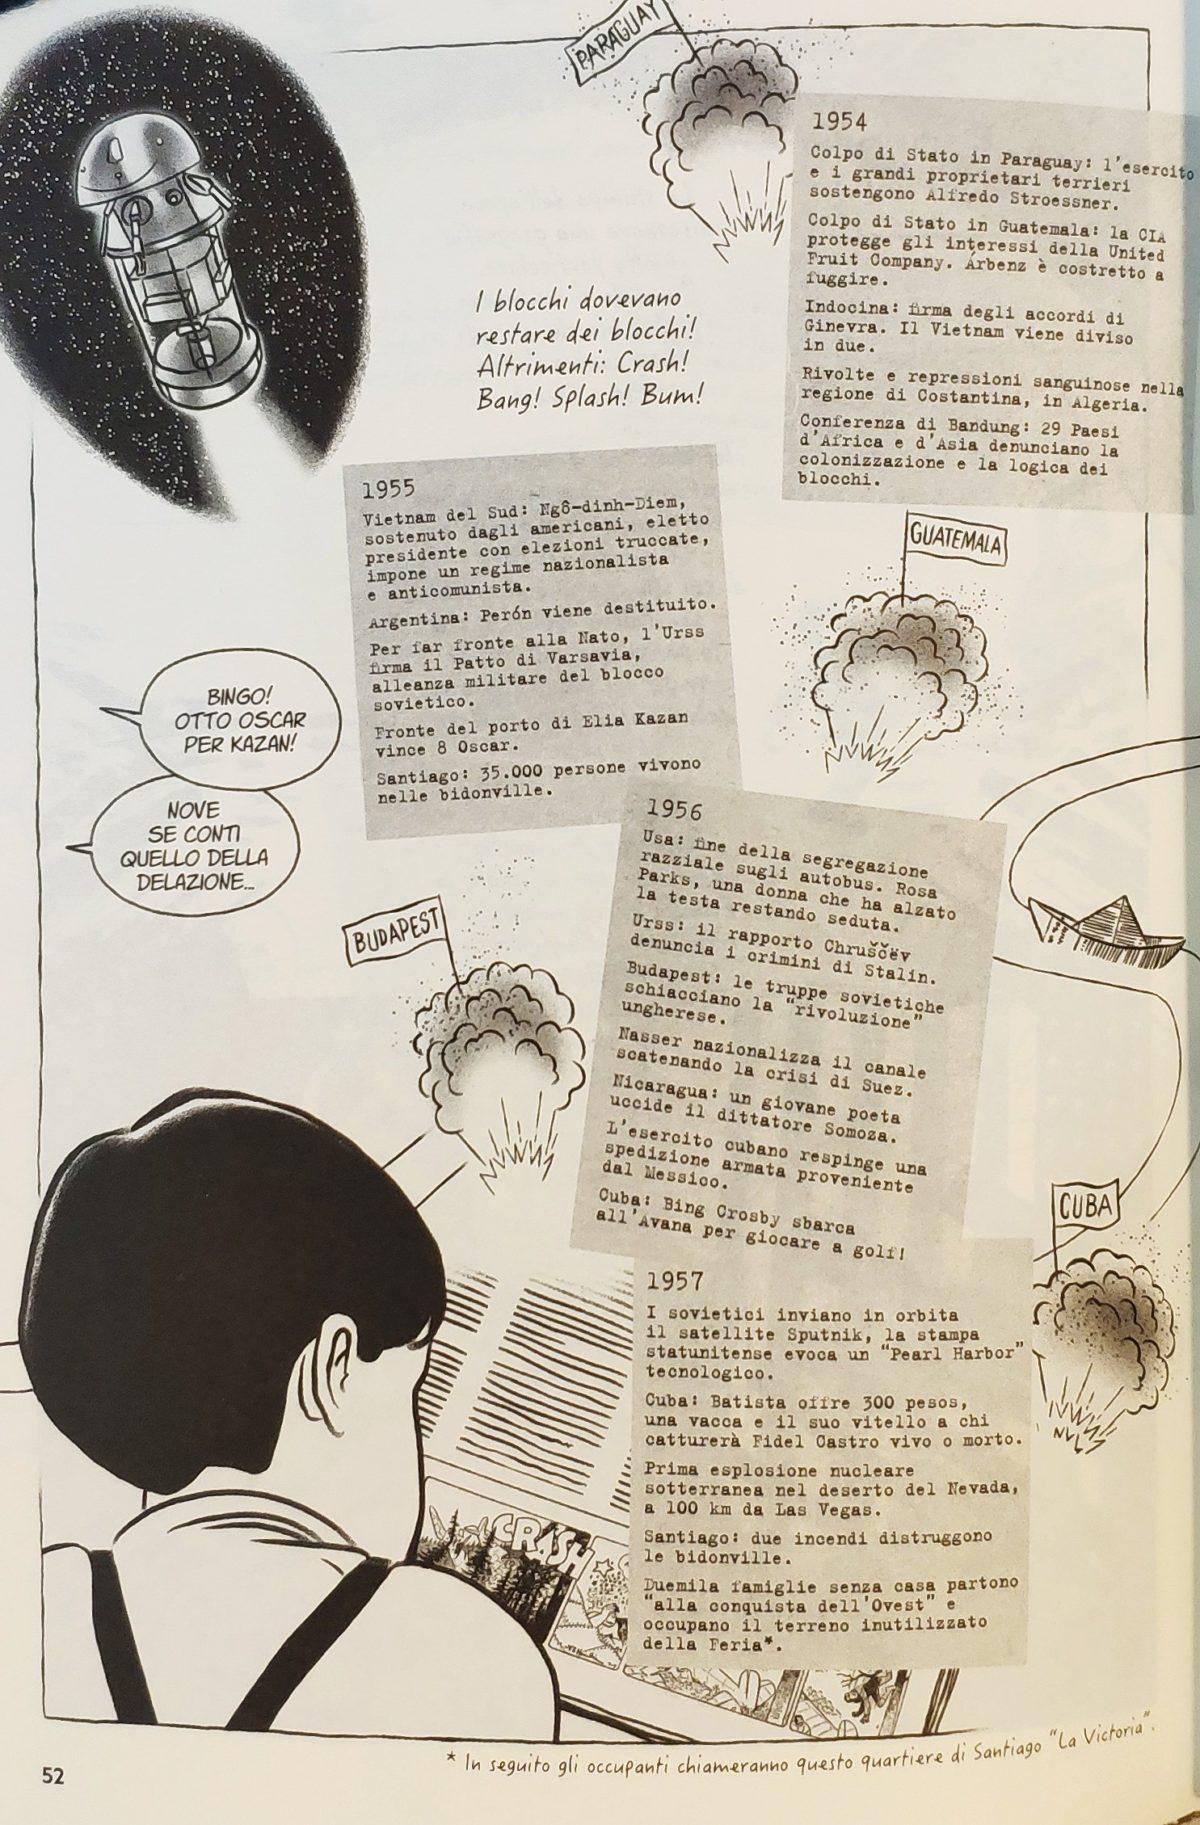 Mio caro fumetto... - Tavola che riassume gli avvenimenti salienti degli anni dal 1954 al 1957.